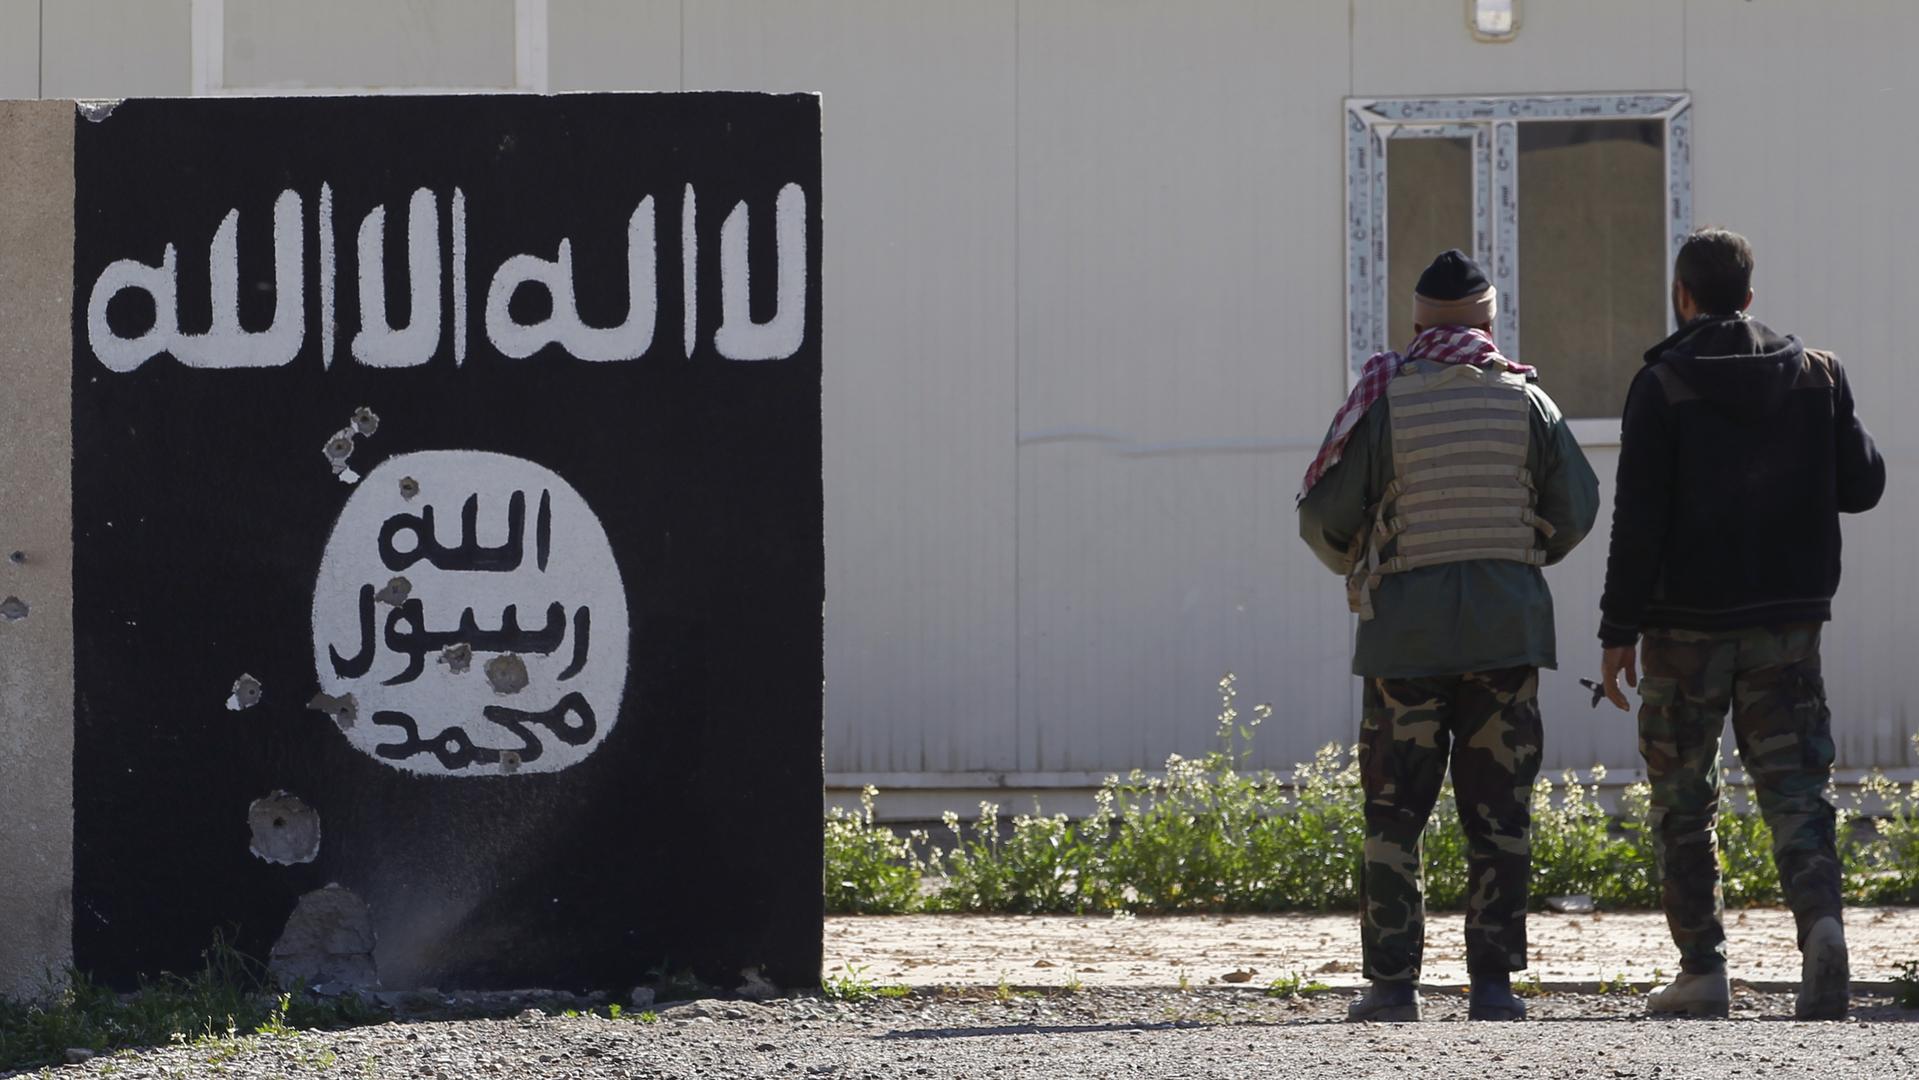 Бюрократия терроризма: бывший боевик рассказал, как организована вербовка в ИГ